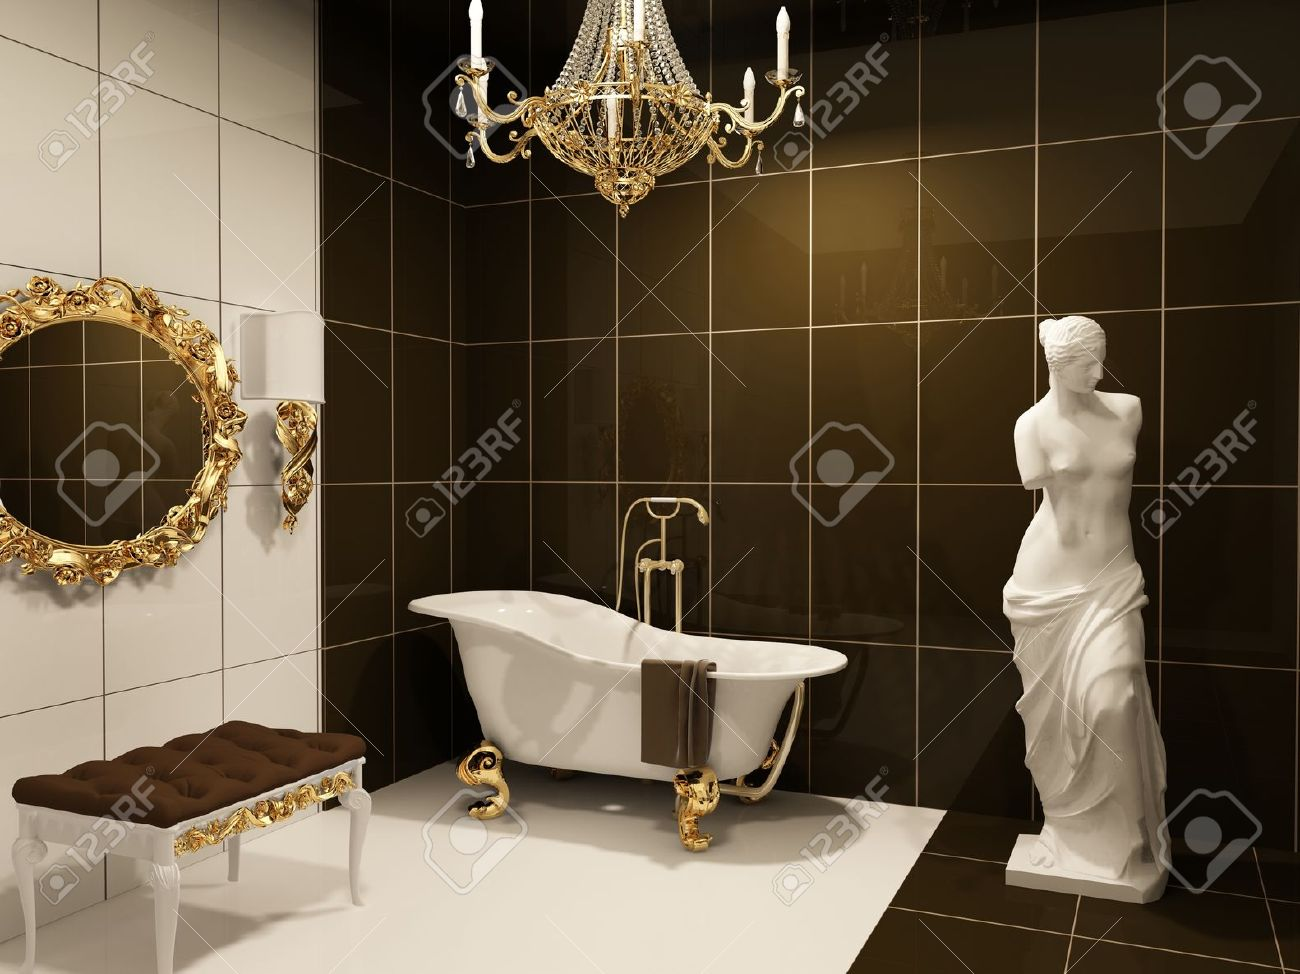 archivio fotografico mobili di lusso con la statua di venere in bagno barocco